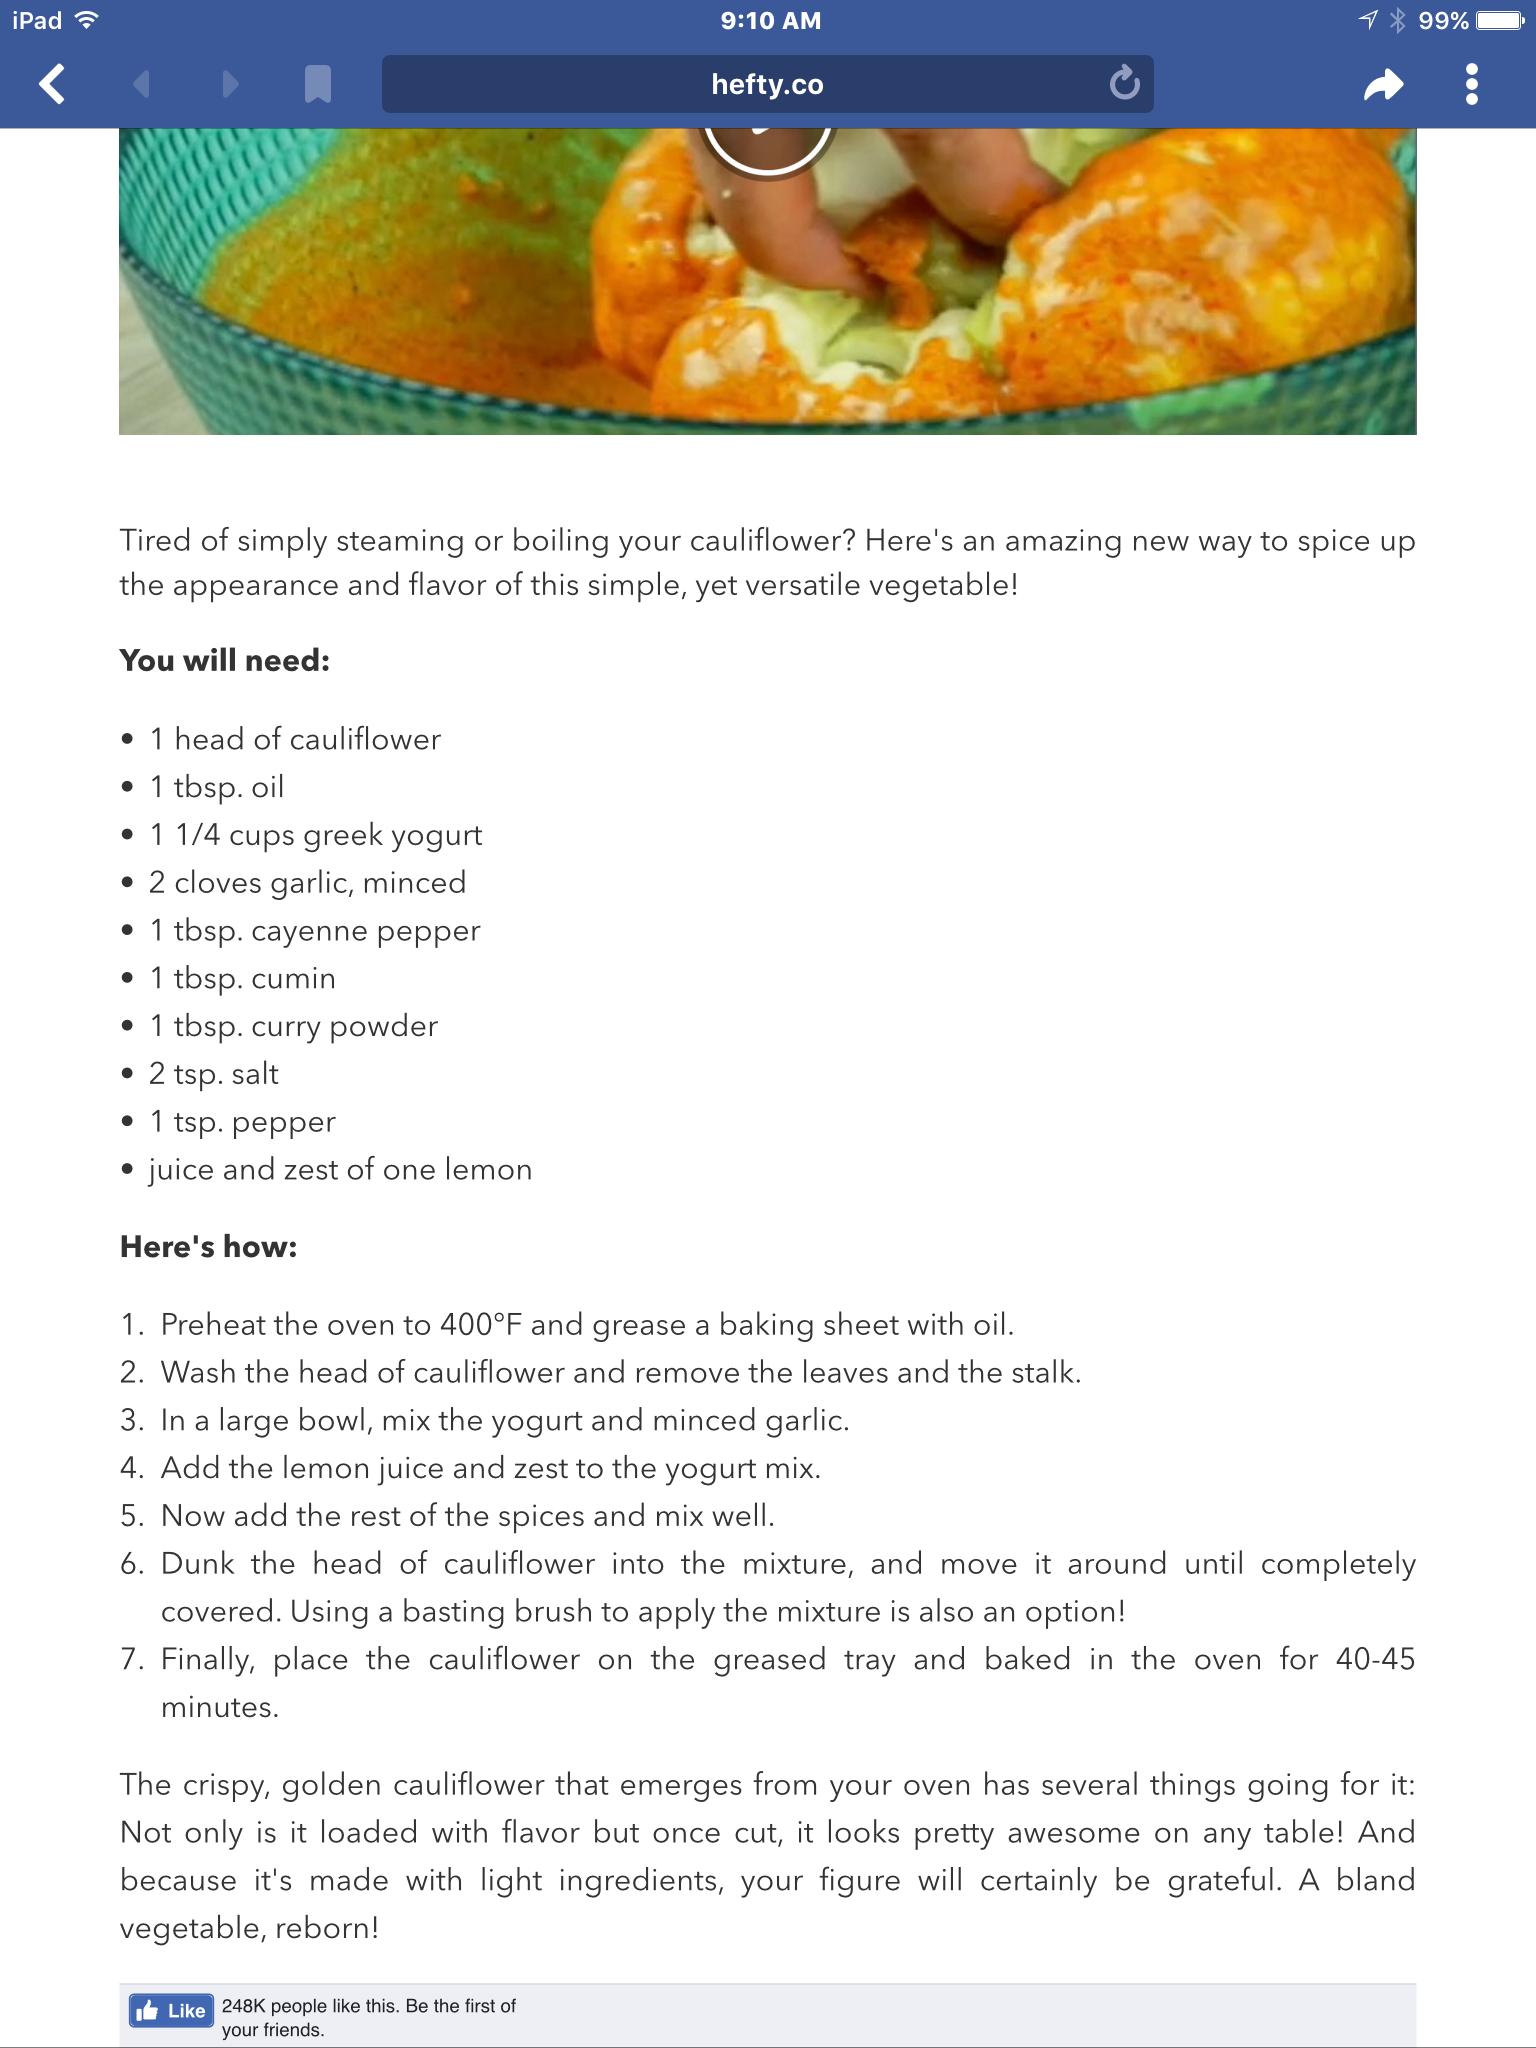 Spicy cauliflower